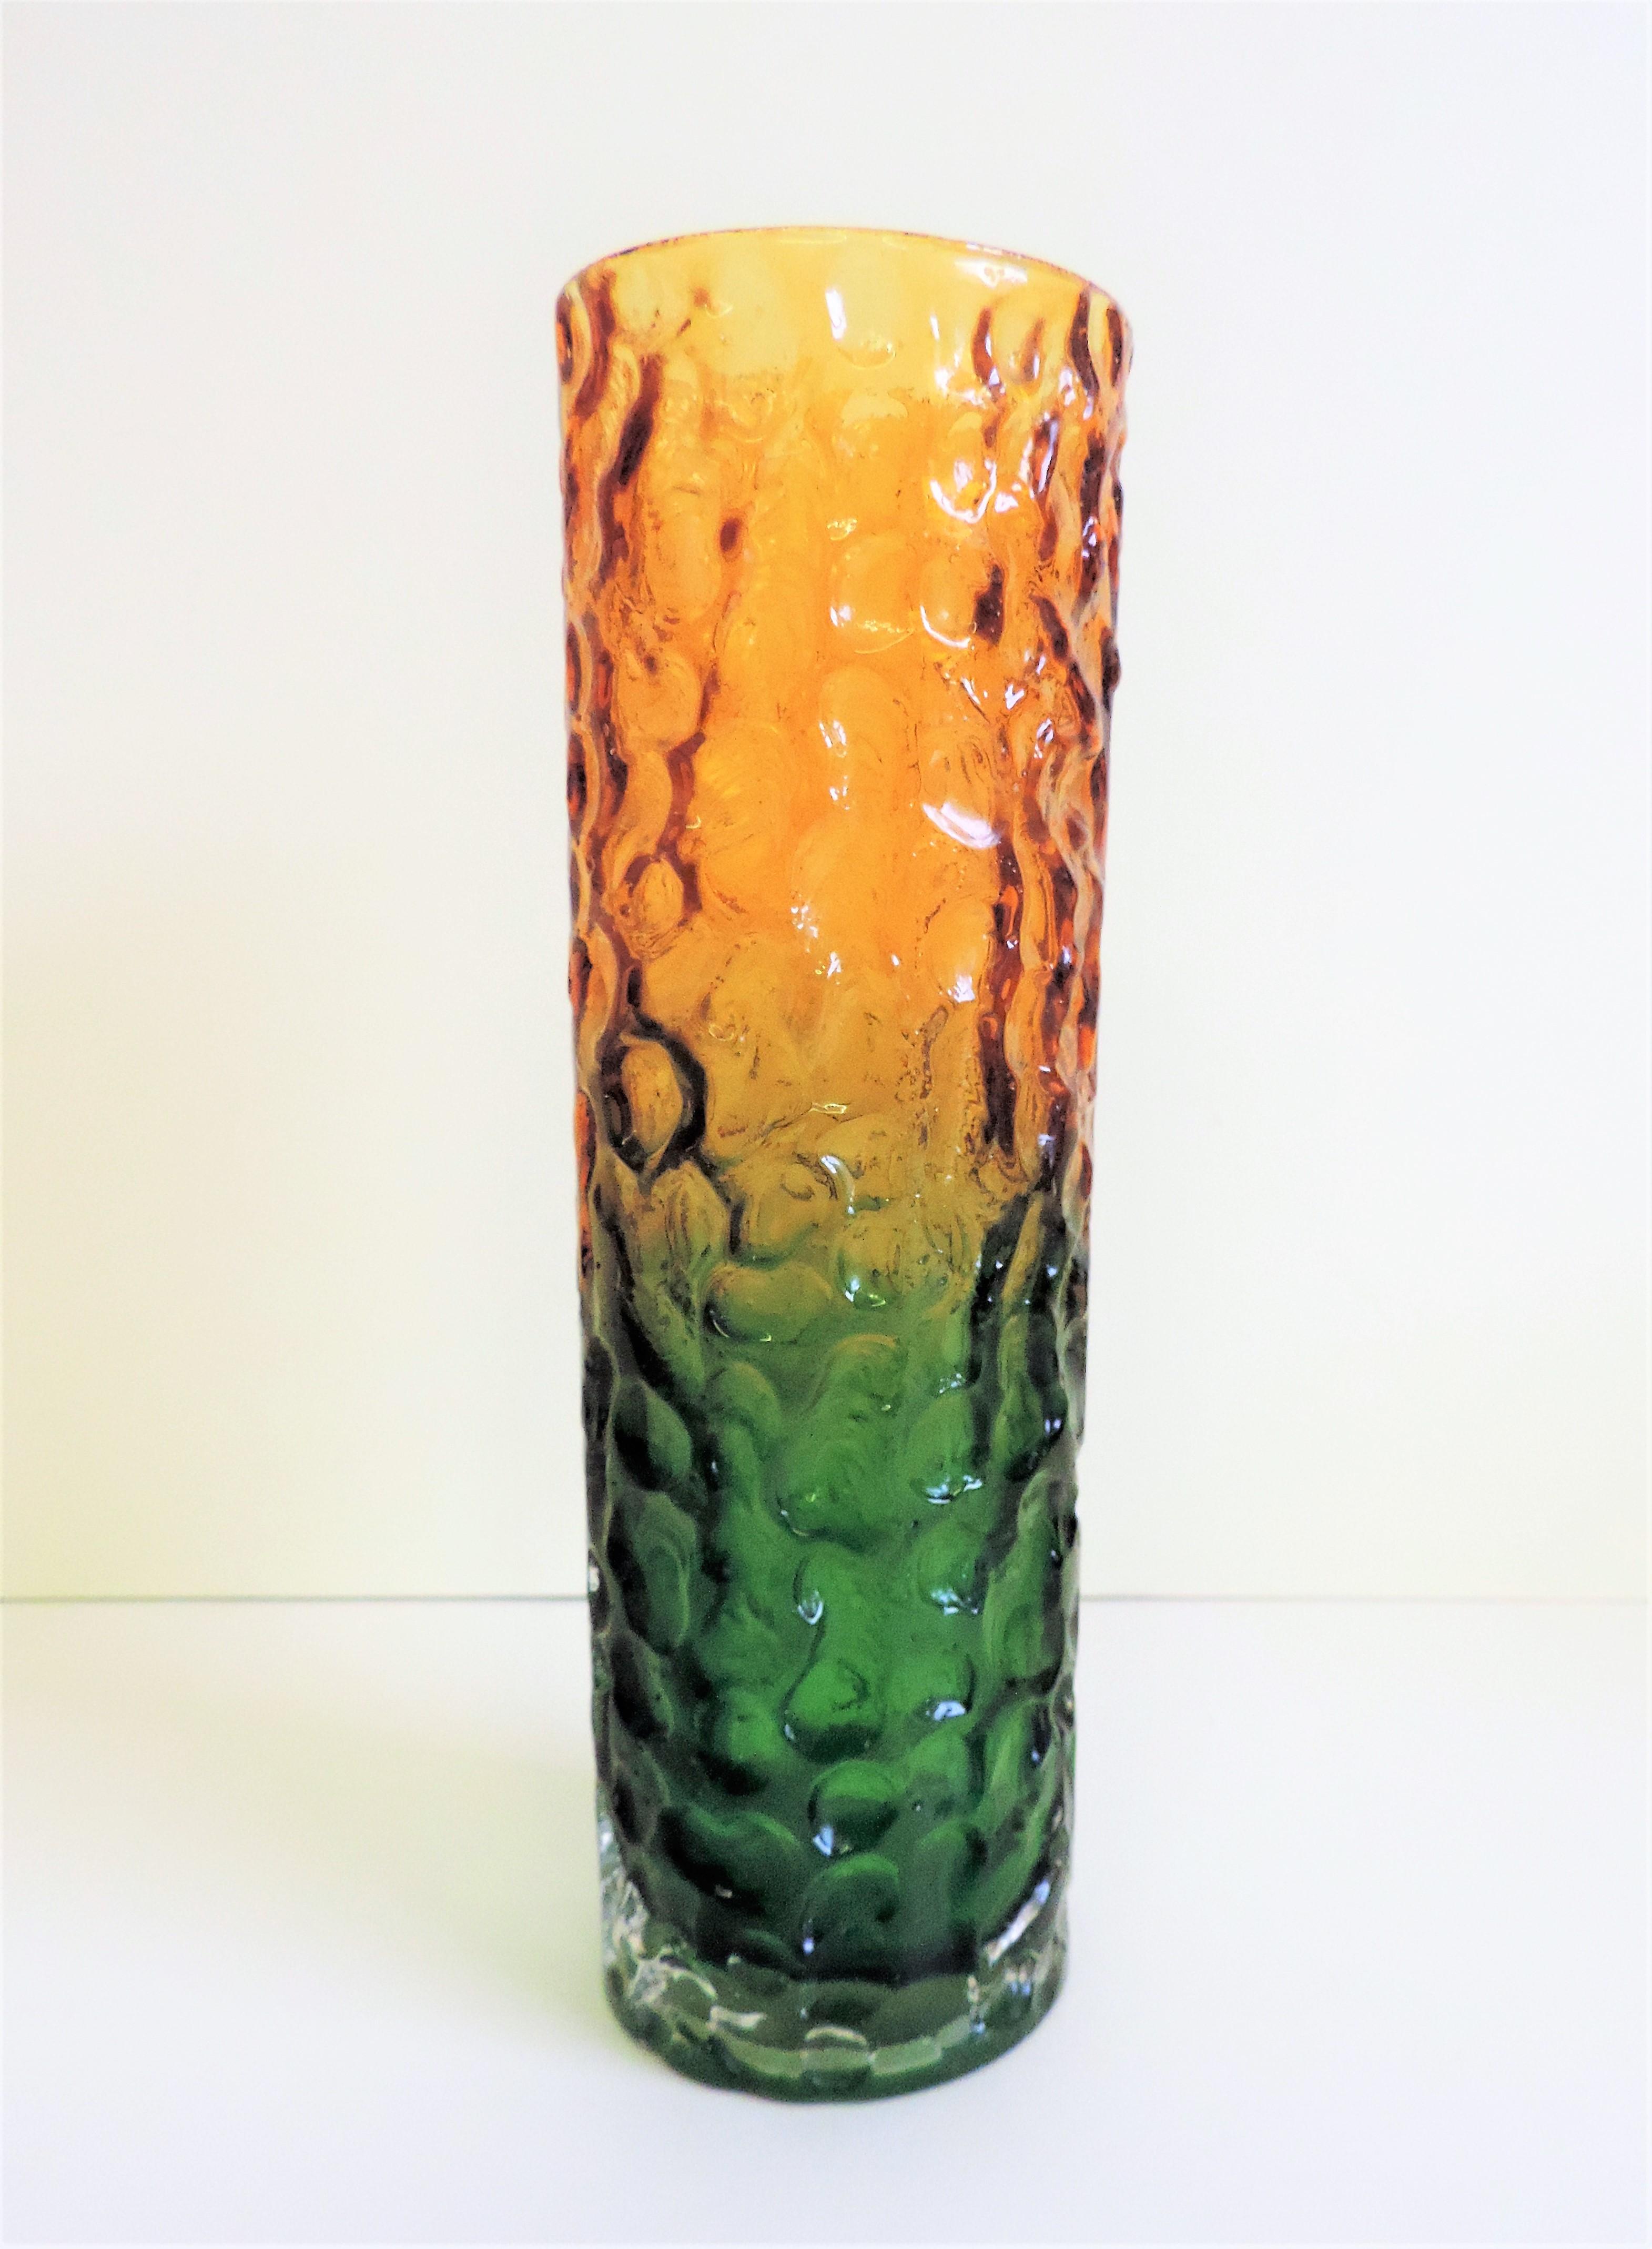 Green & Amber Whitefriars Style Bark Vase 20cm tall